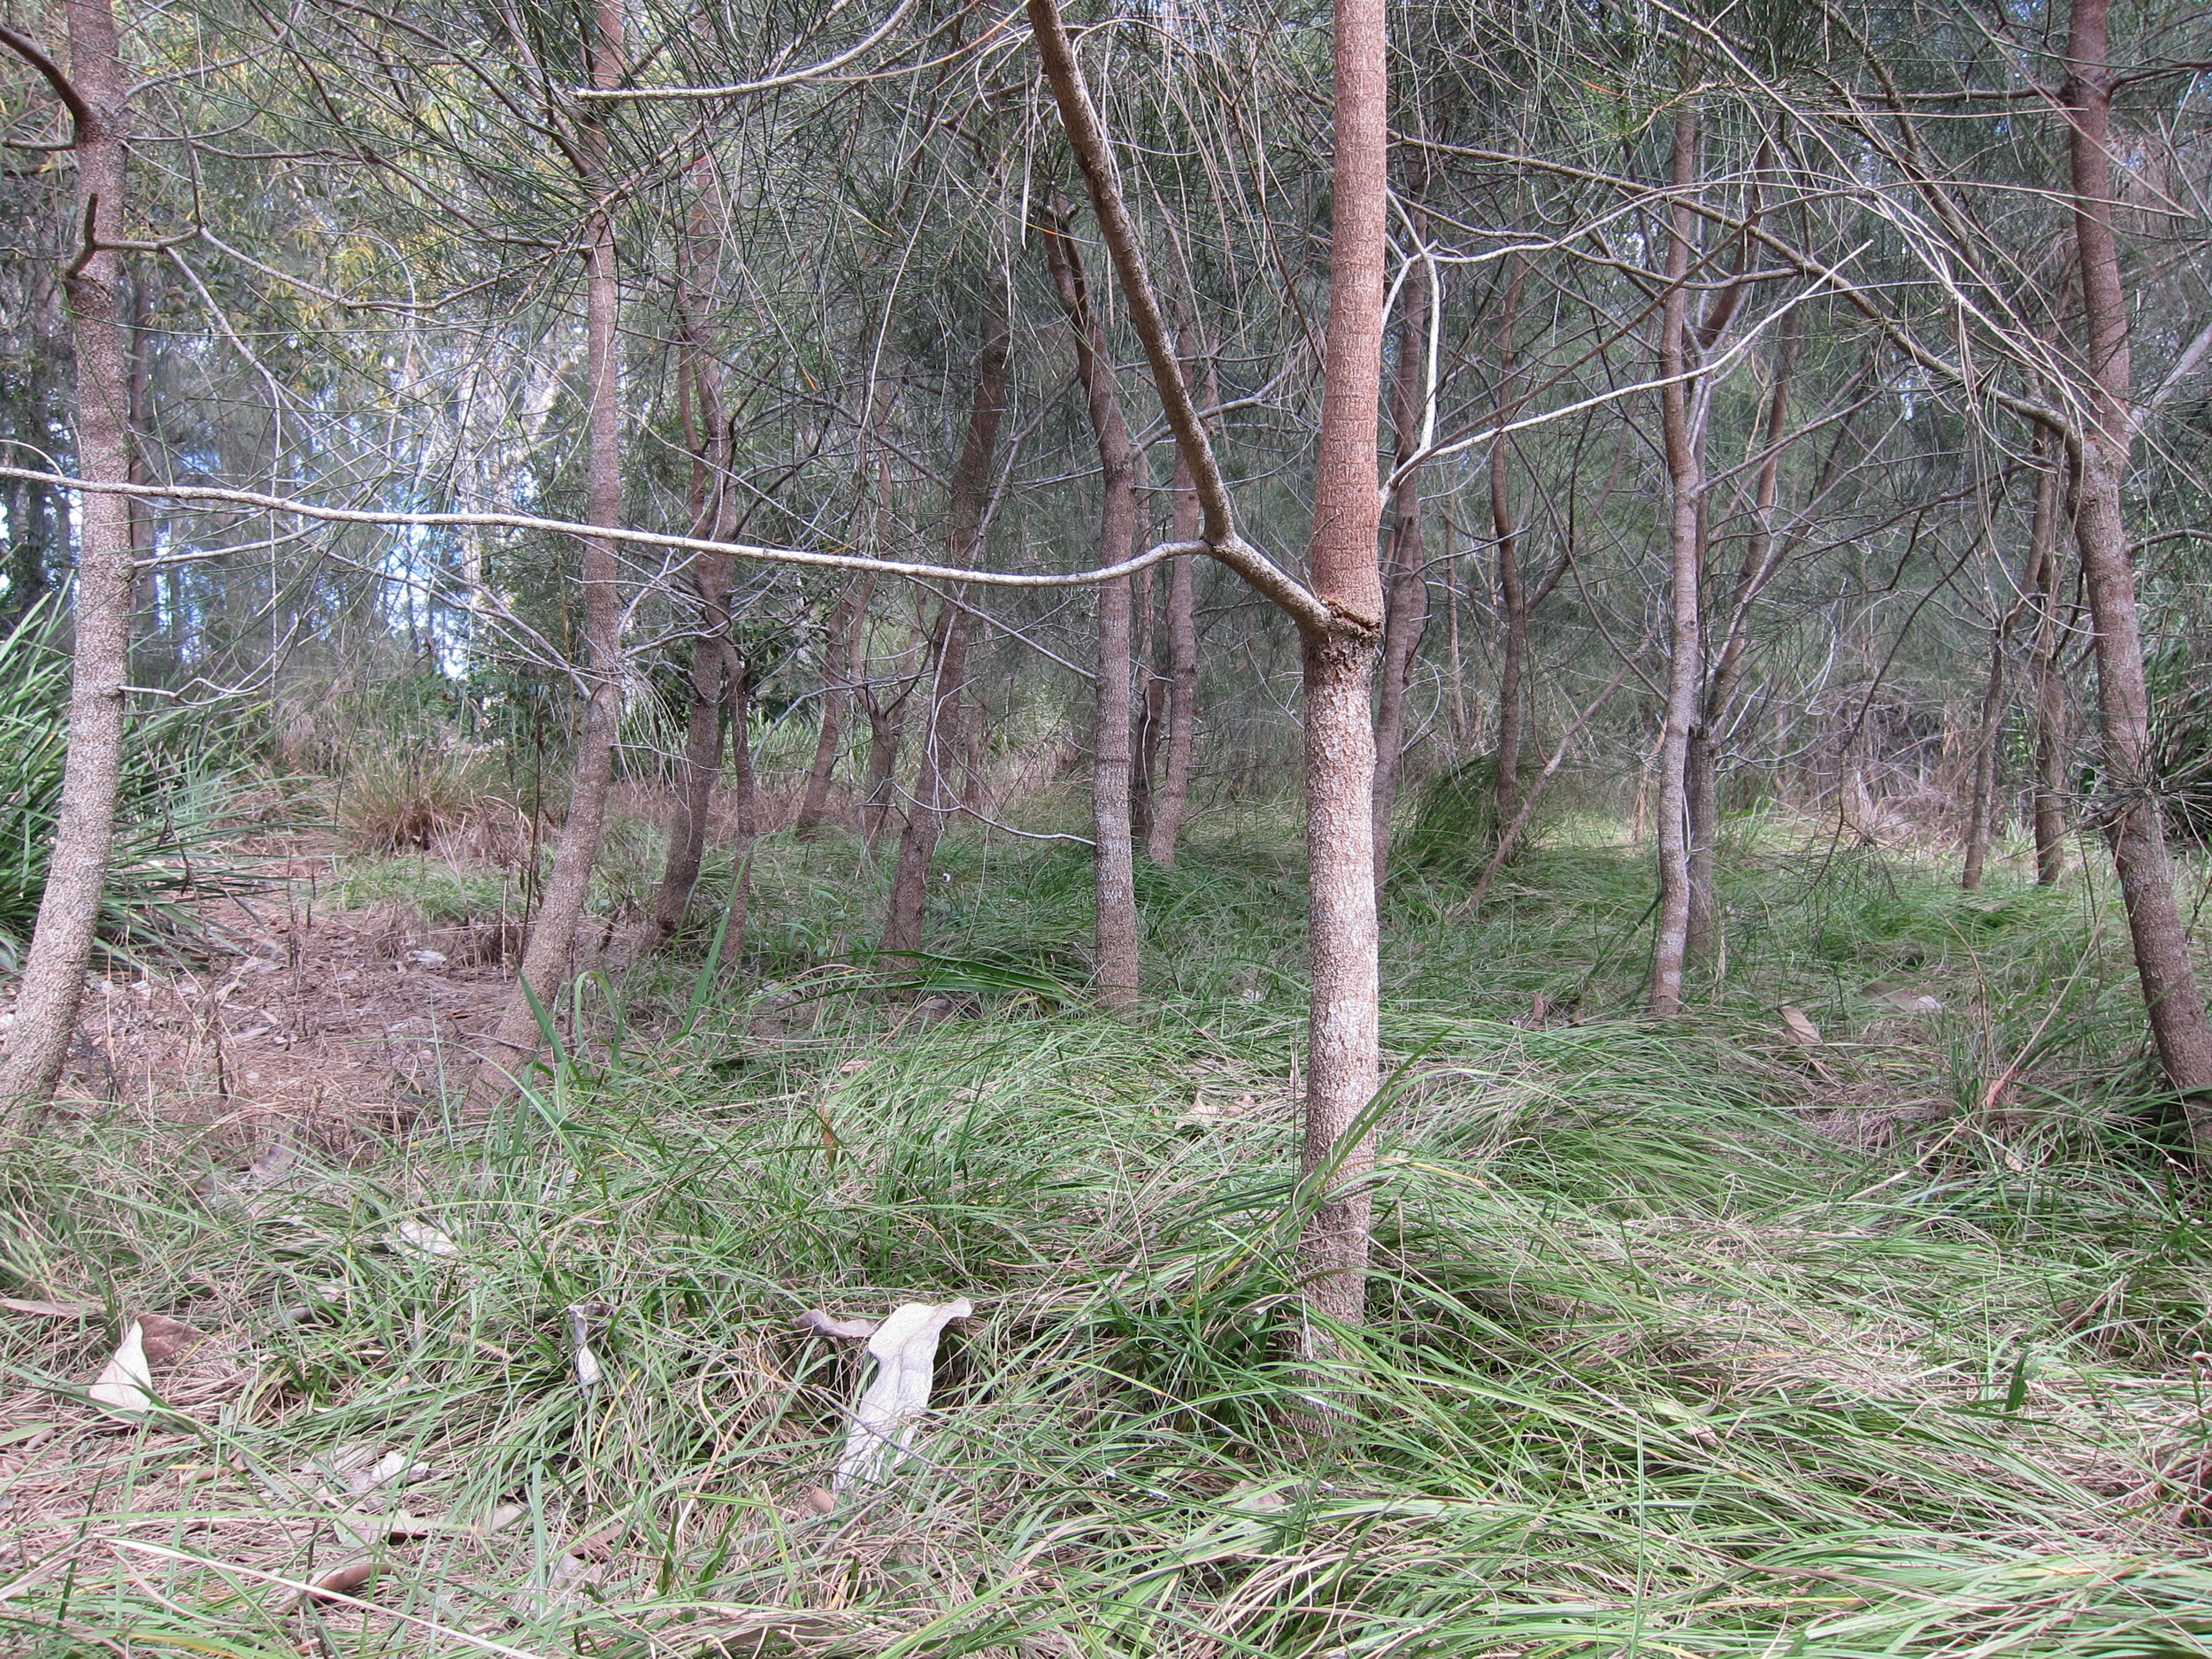 Boambillee Drive Bioretention System